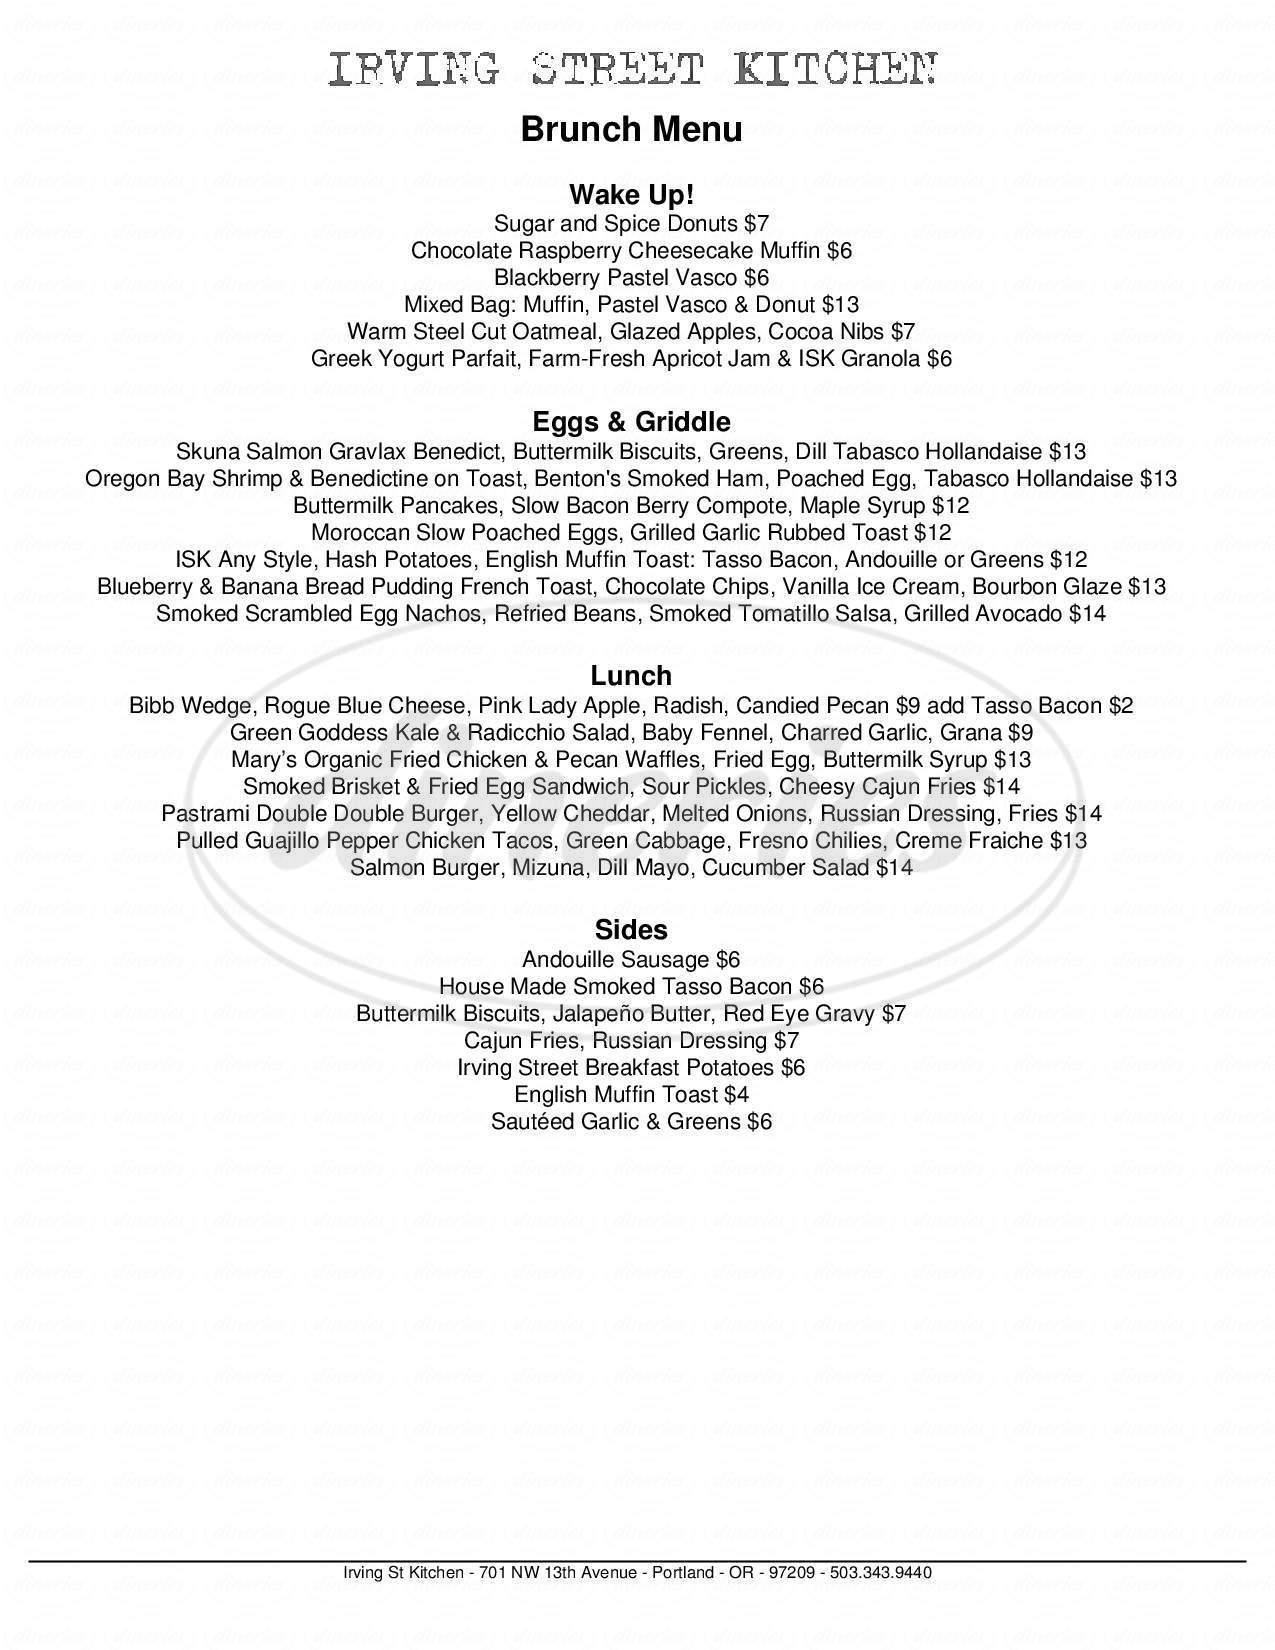 menu for Irving St. Kitchen